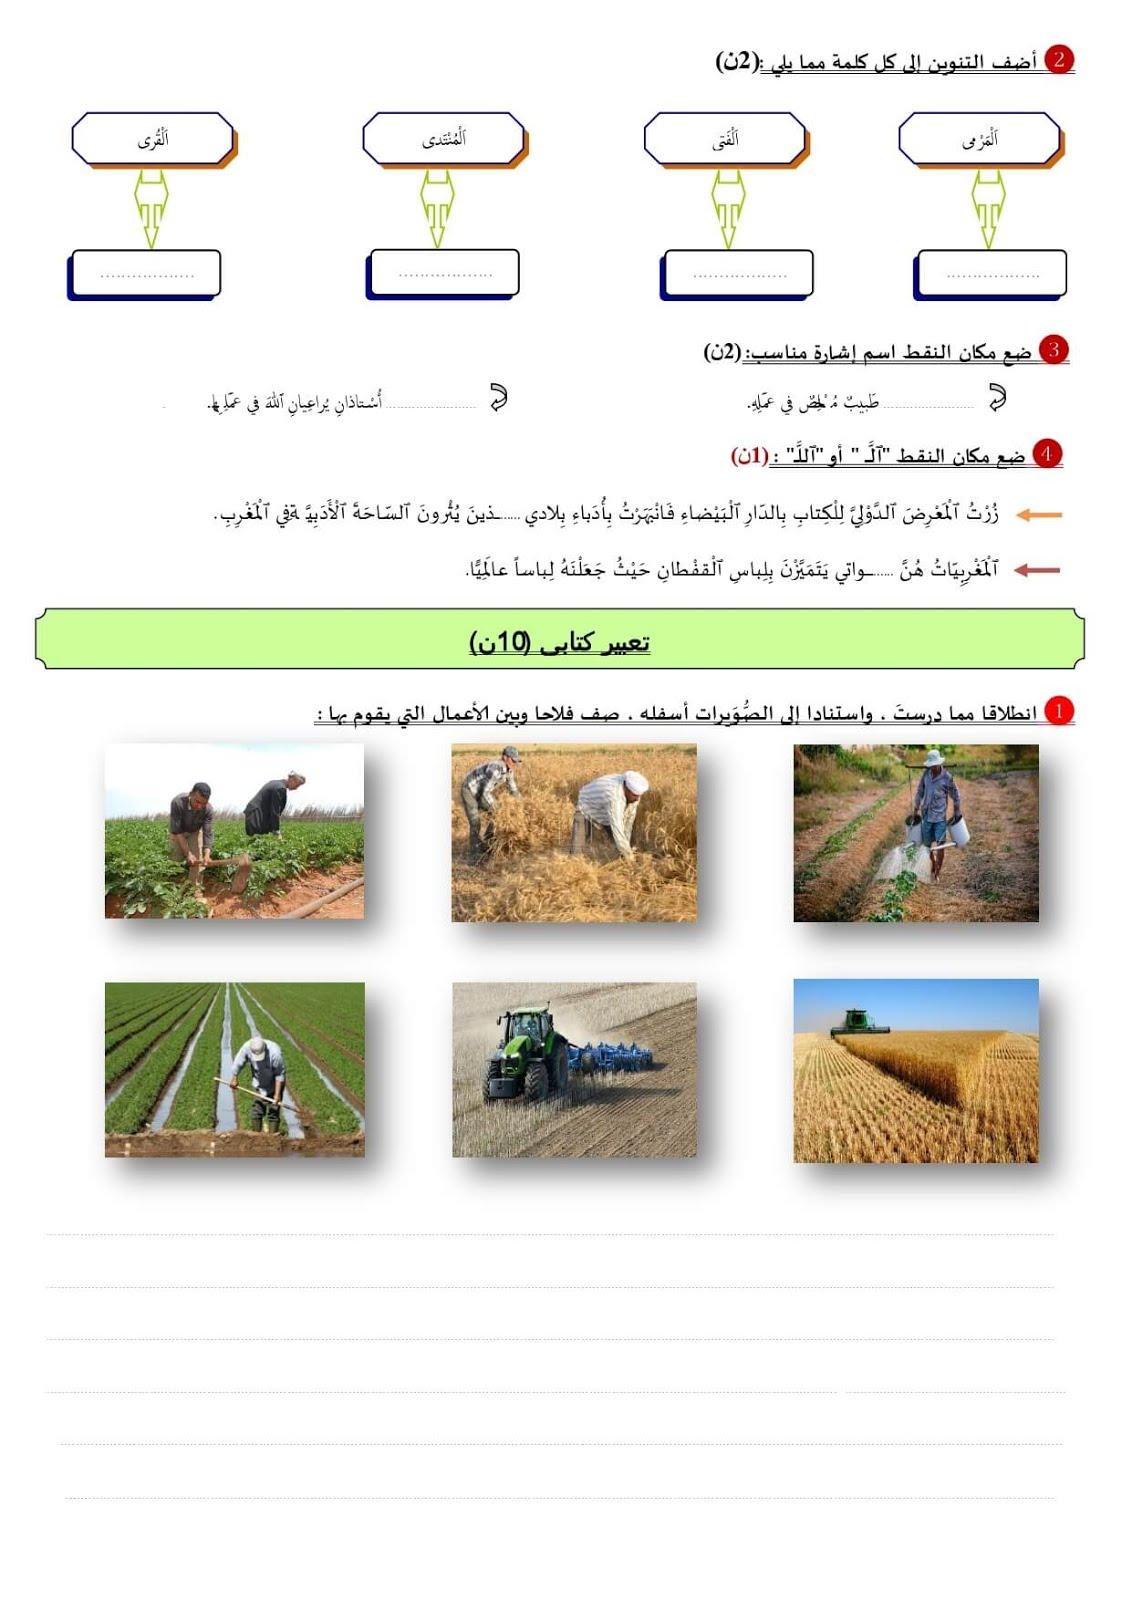 فرض رقم 1 الدورة الثانية لغة عربية المستوى الثالث